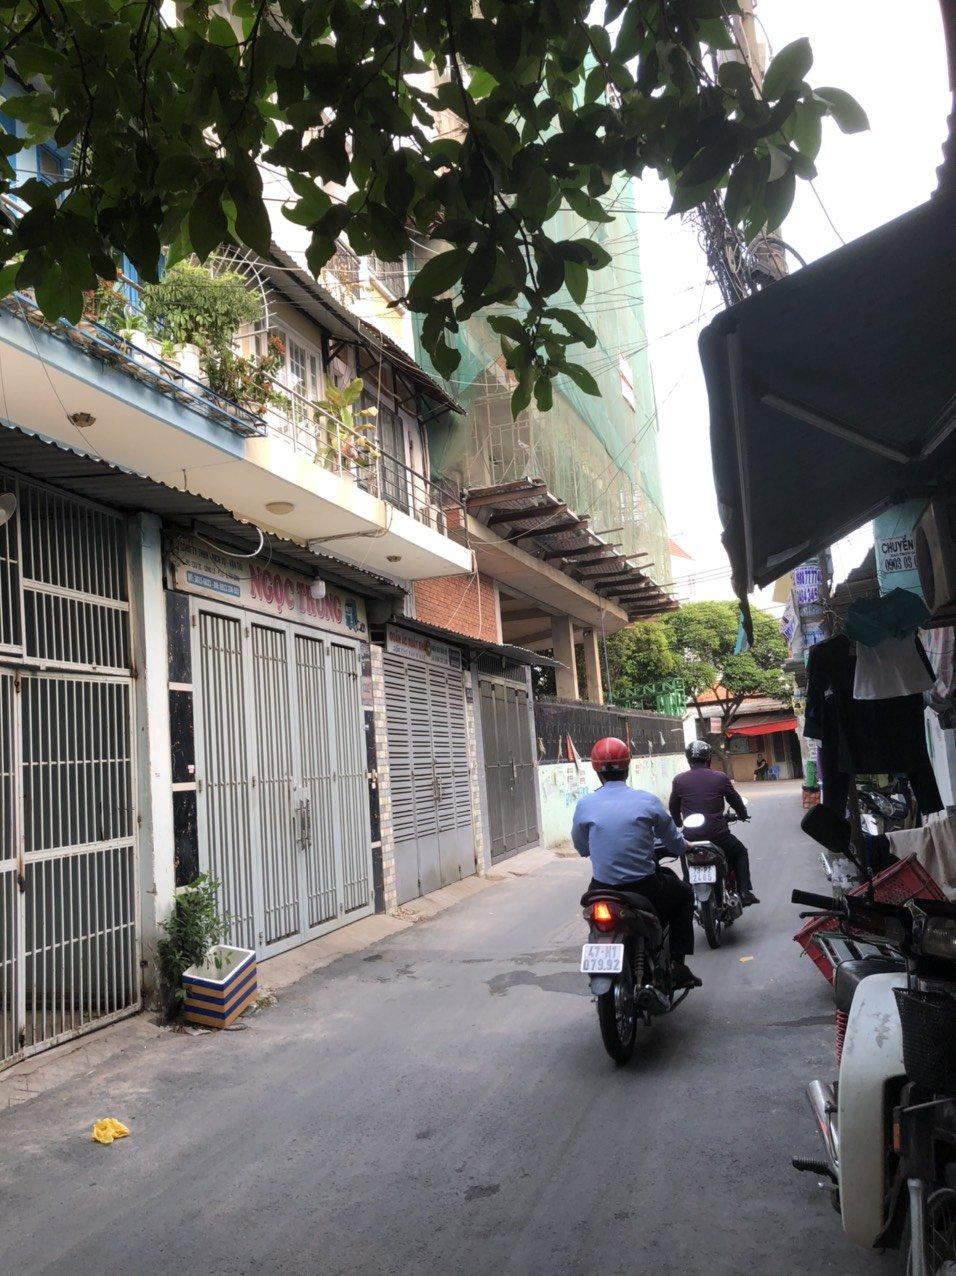 Bán nhà Hẻm xe hơi đường Cống Lở phường 15 quận Tân Bình giá rẻ 2020